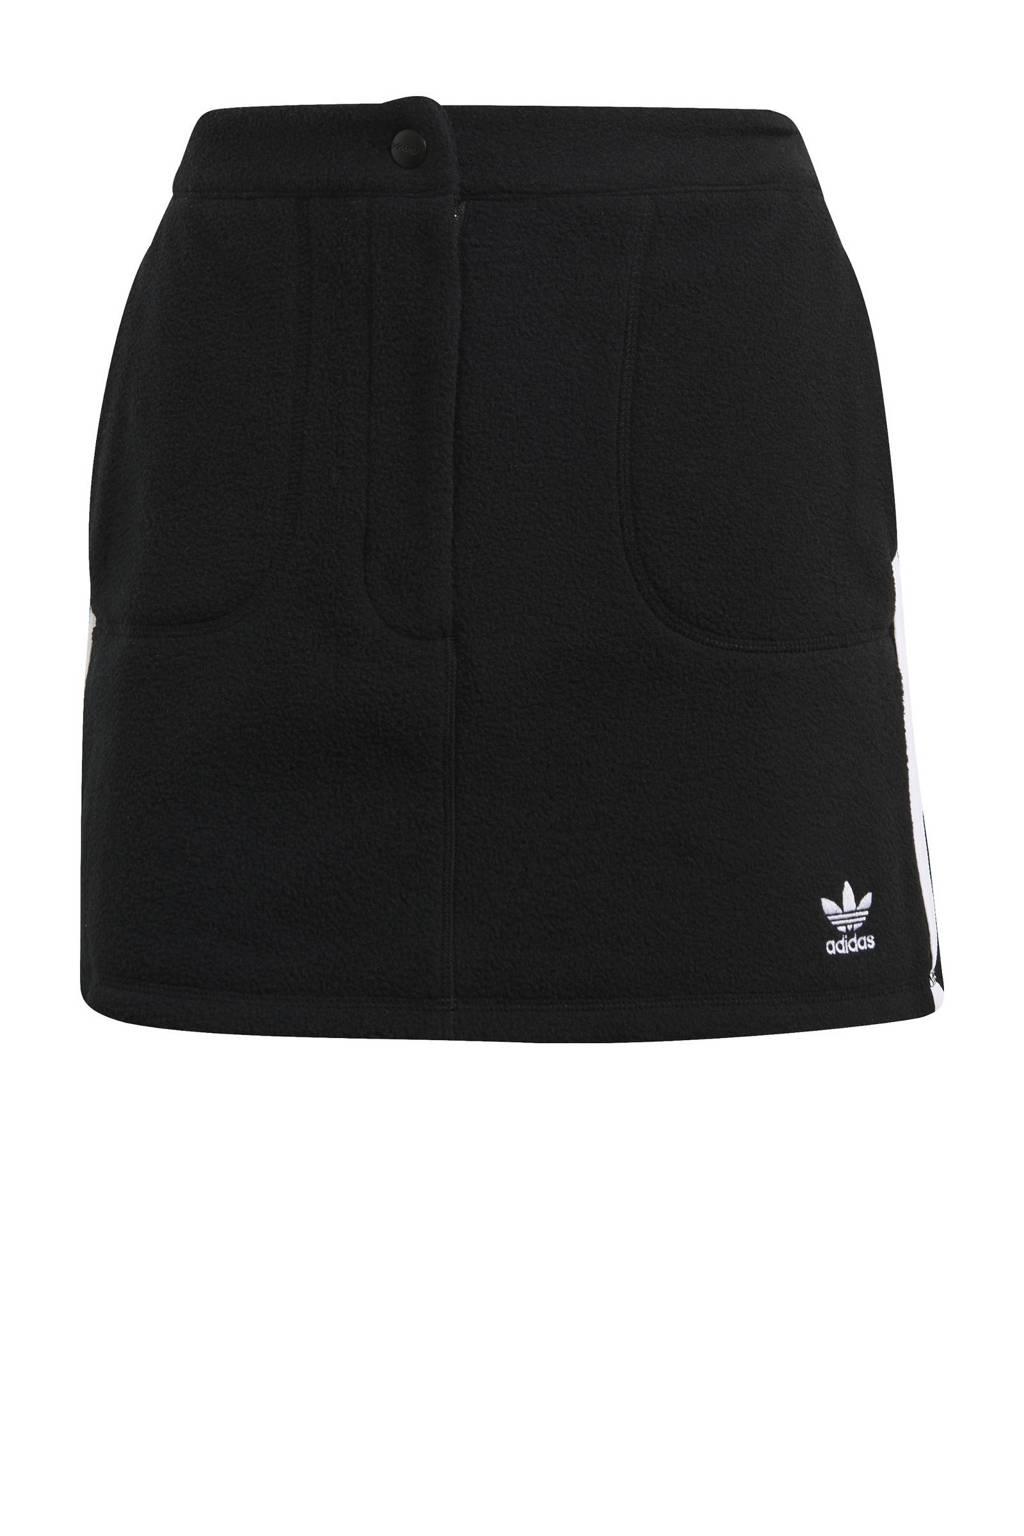 adidas Originals Adicolor fleece rok zwart, Zwart